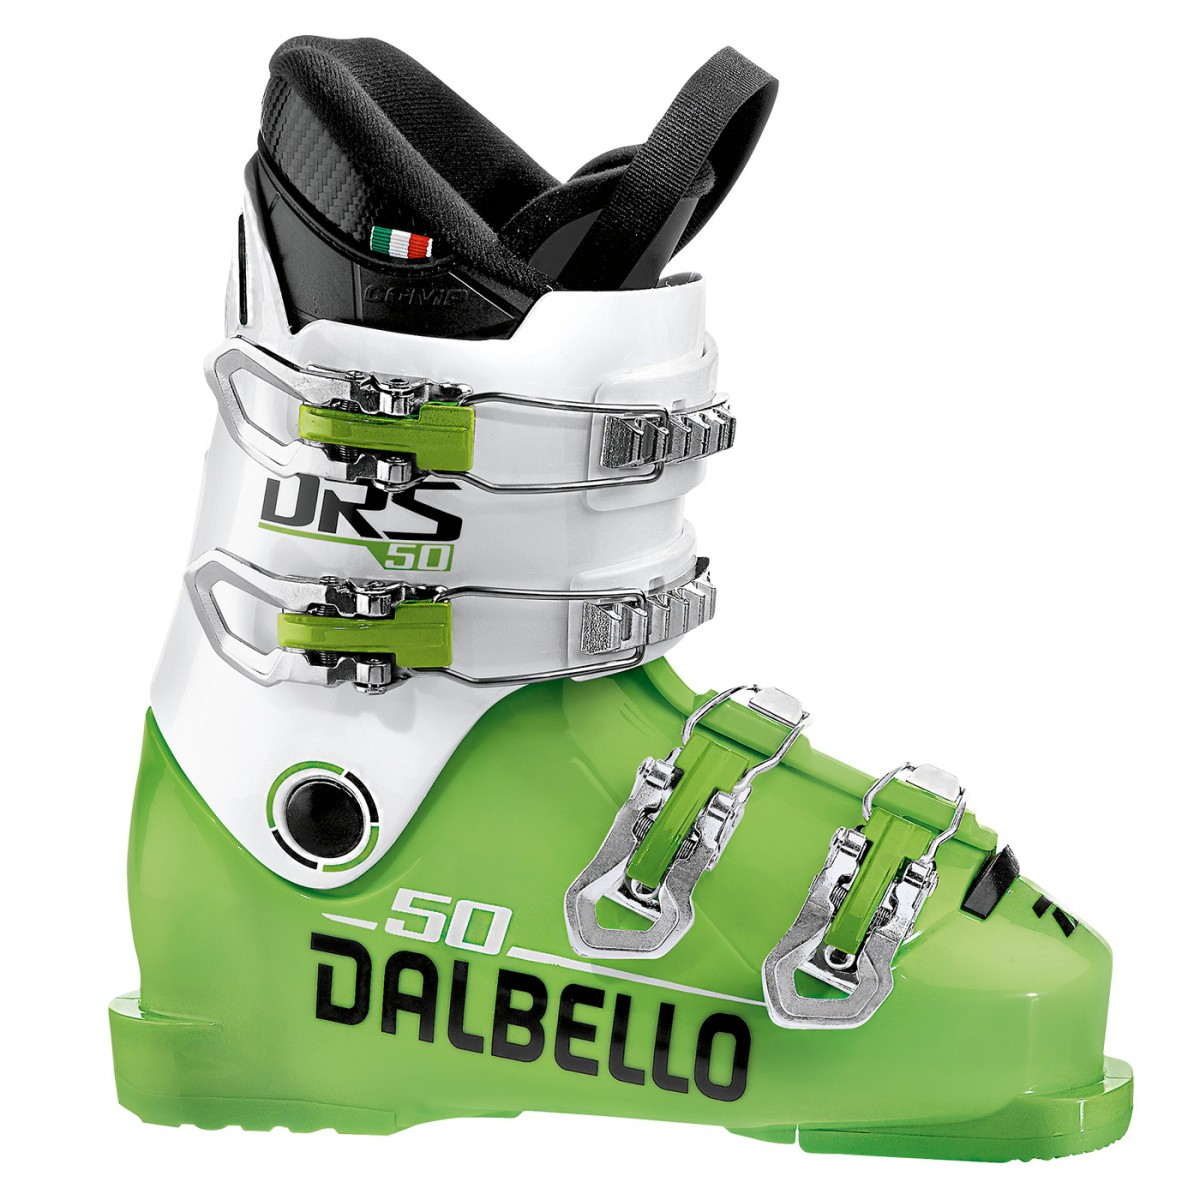 Scarponi sci Dalbello Drs 50 Avanti (Colore: verde-bianco, Taglia: 24)